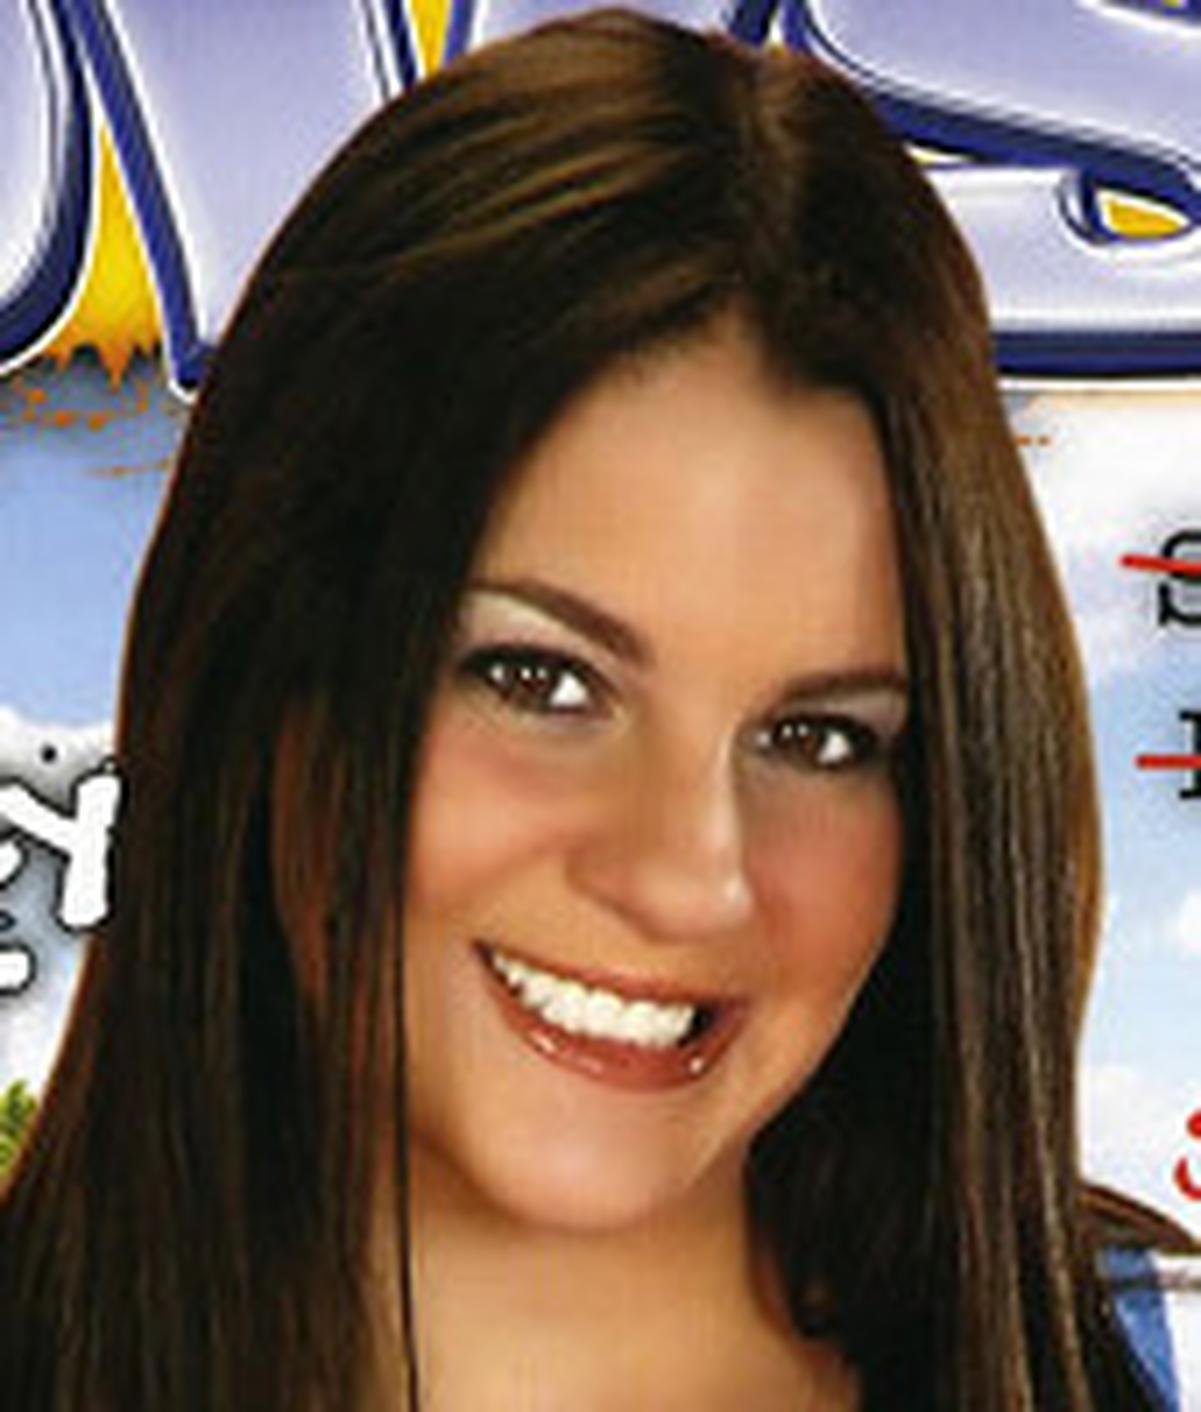 Brittney Star